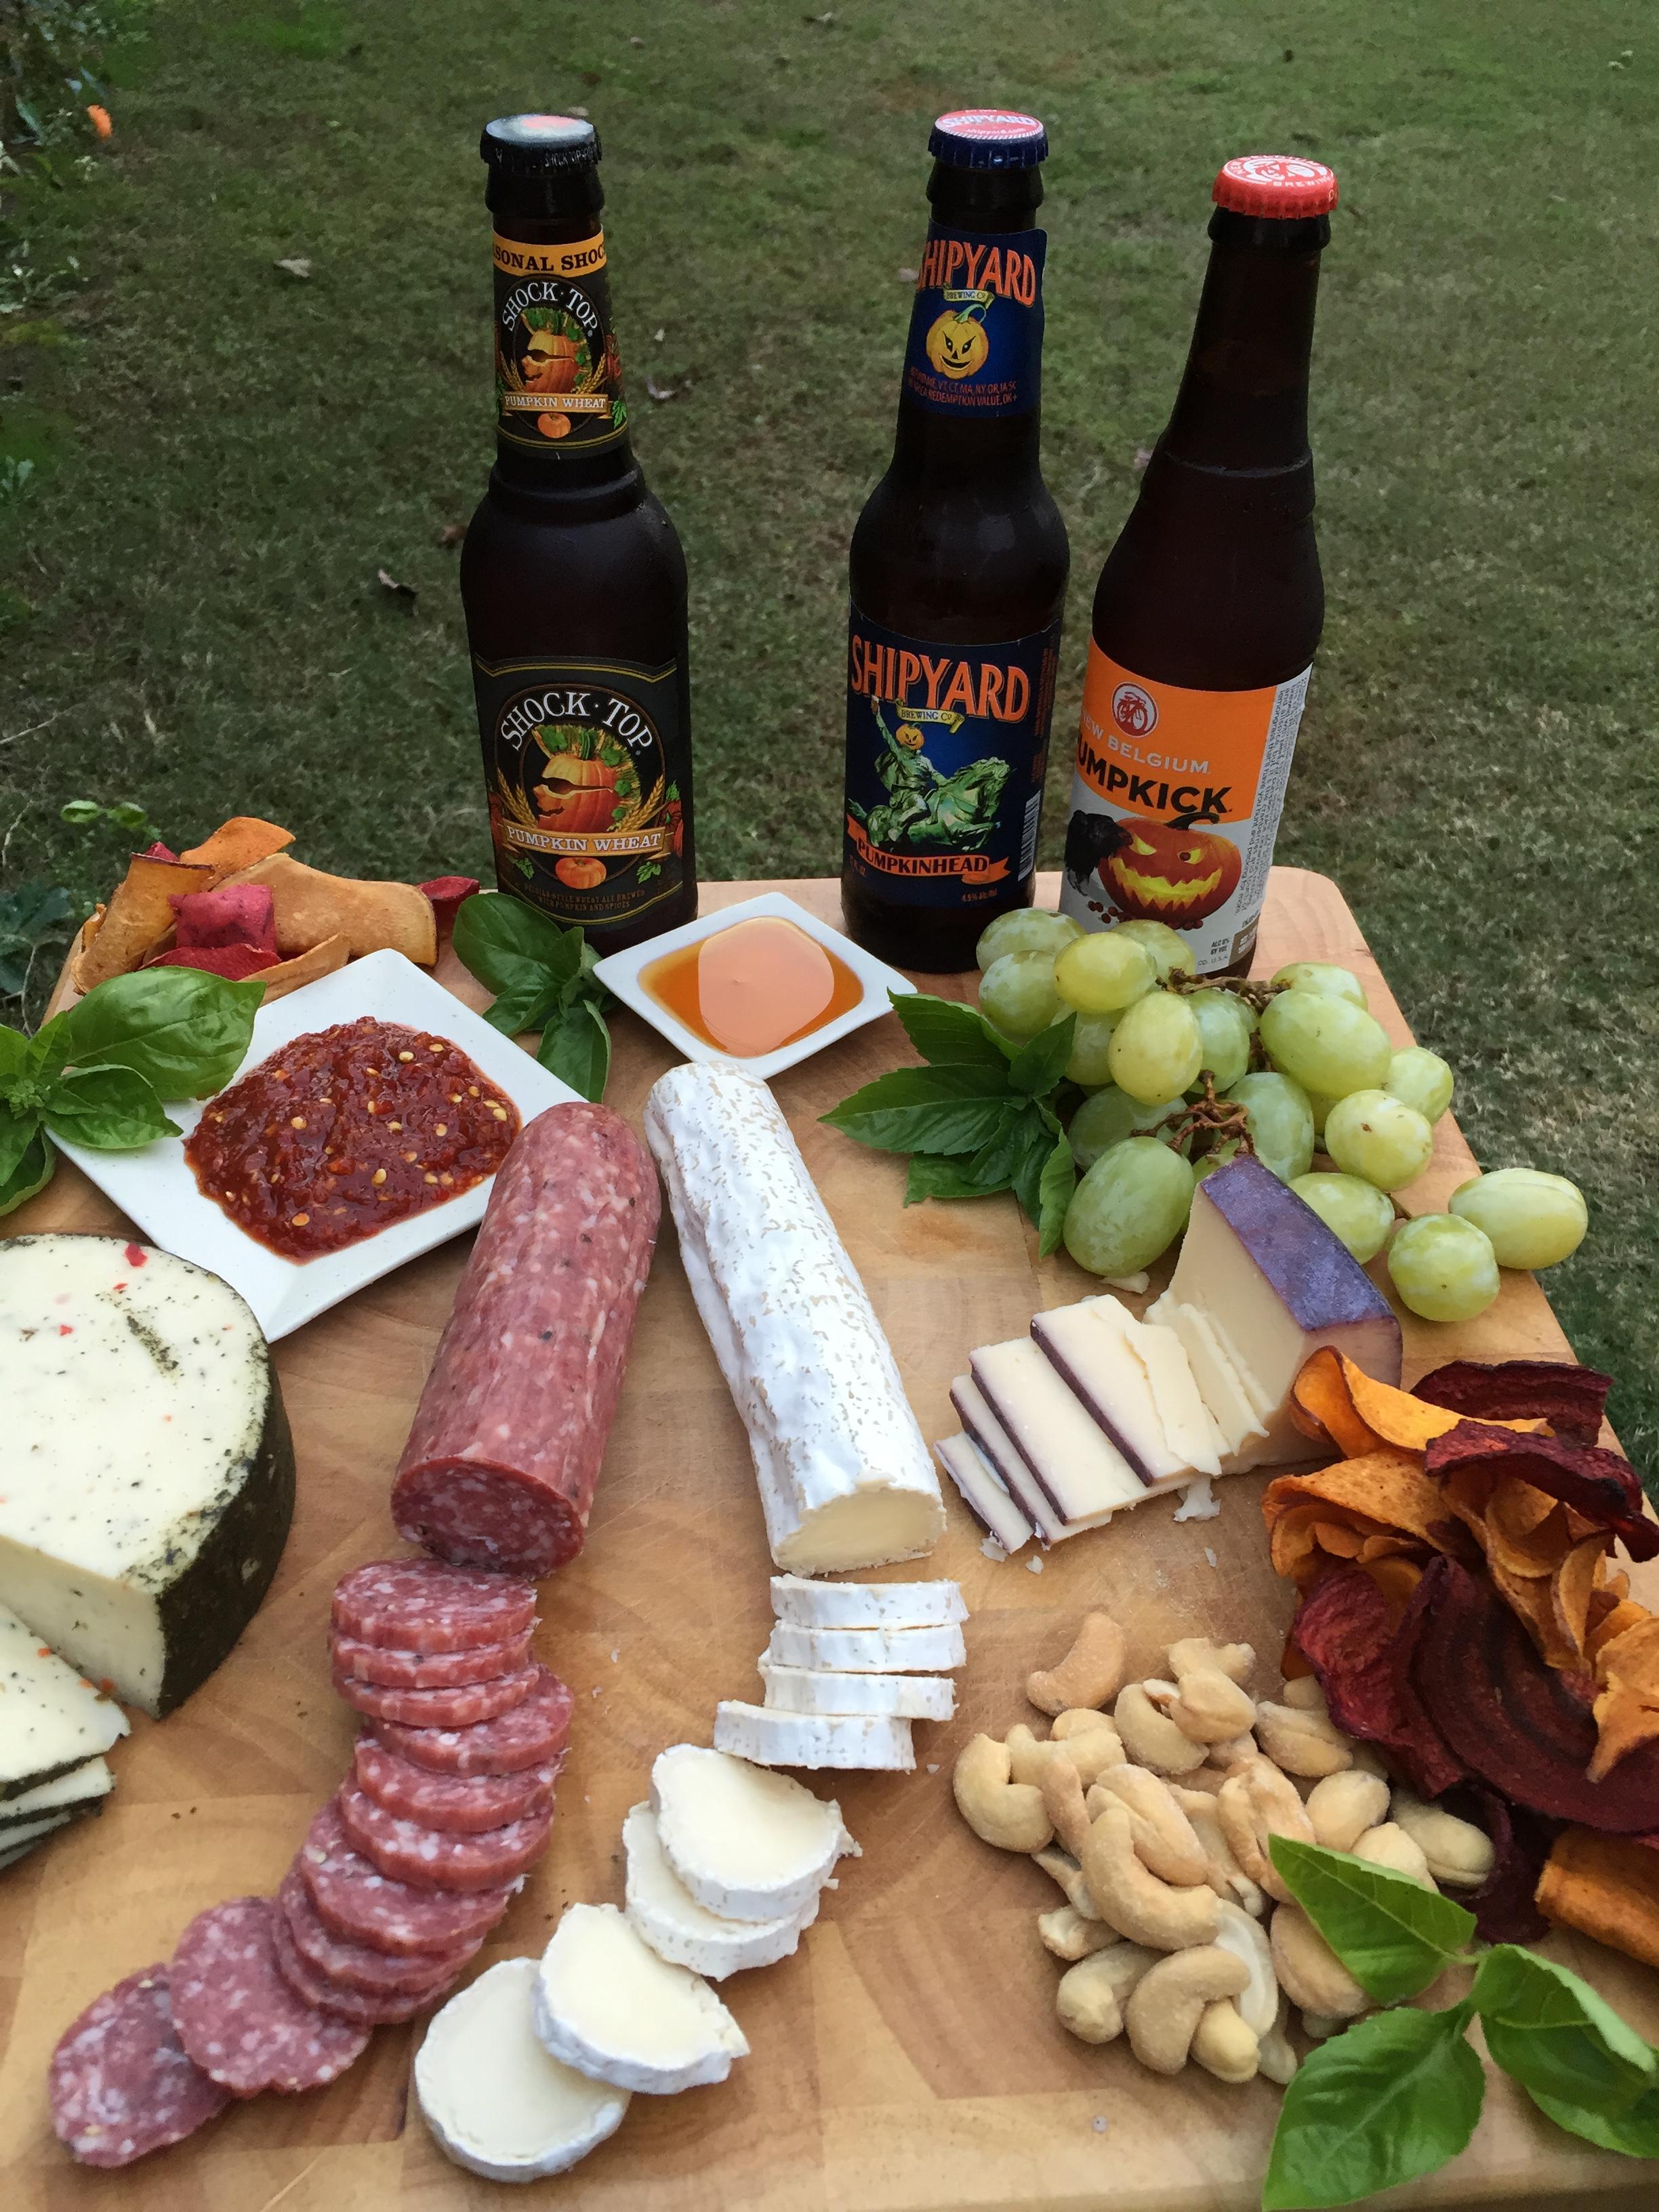 Kaju ve bira, tabii füme peyniri de unutmamak gerek (Alıntıdır)